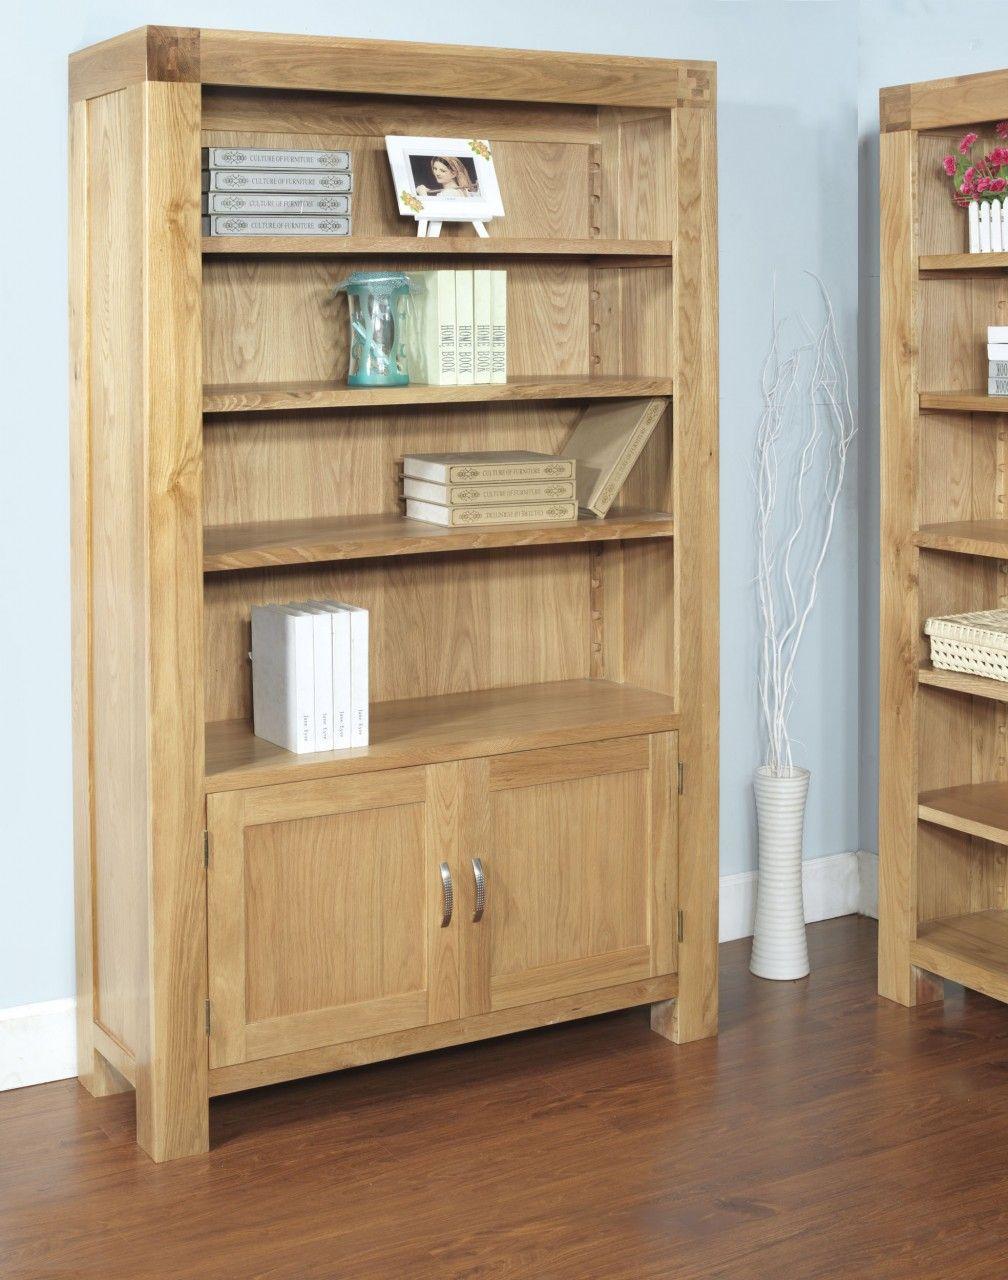 Eiche Massiv Bucherregal Und Seine Schonen Design Ideen Holz